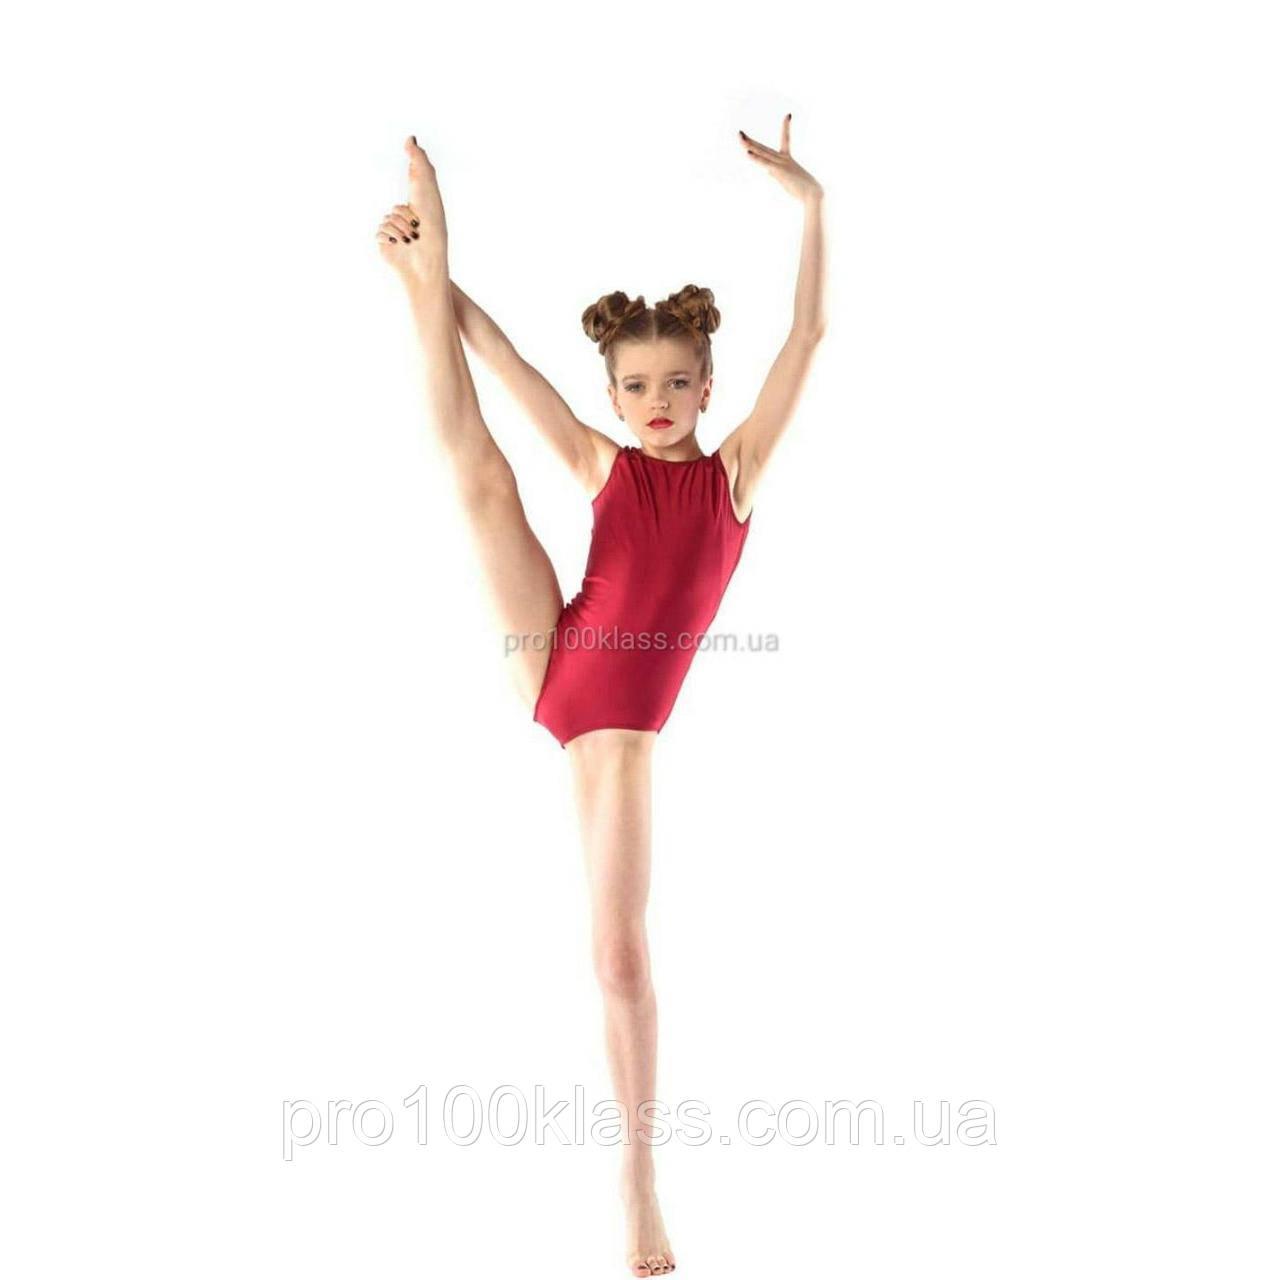 Купальник майка трико для художньої гімнастики і хореографії